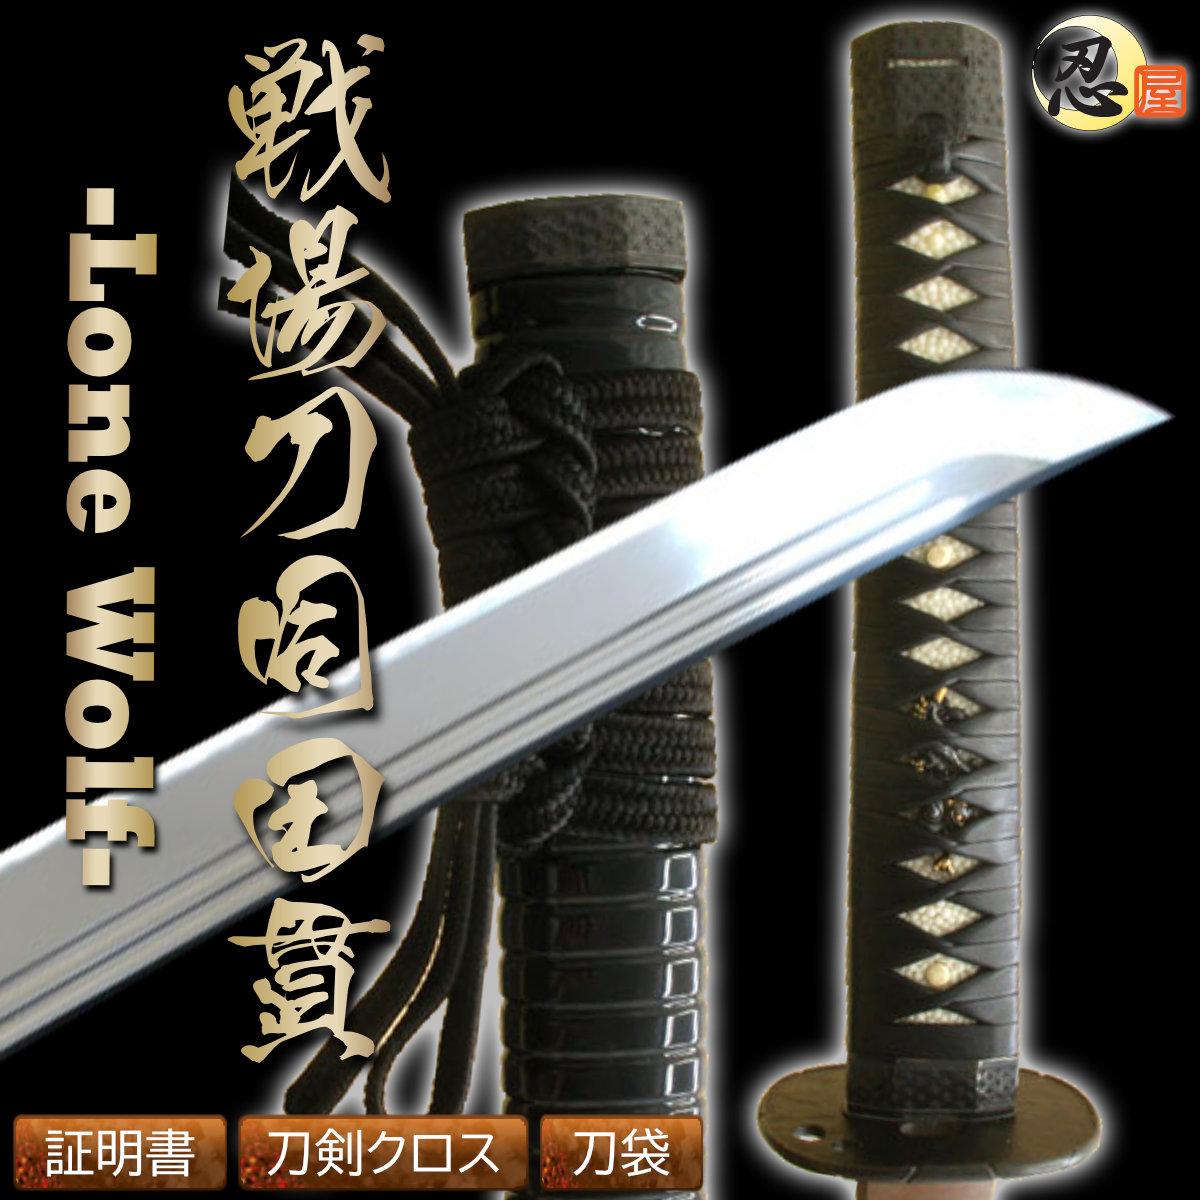 高級居合刀 戦場刀 同田貫 ~Lone Wolf~ しのびや特製刀剣証明書・クリーニングクロス・刀袋セット